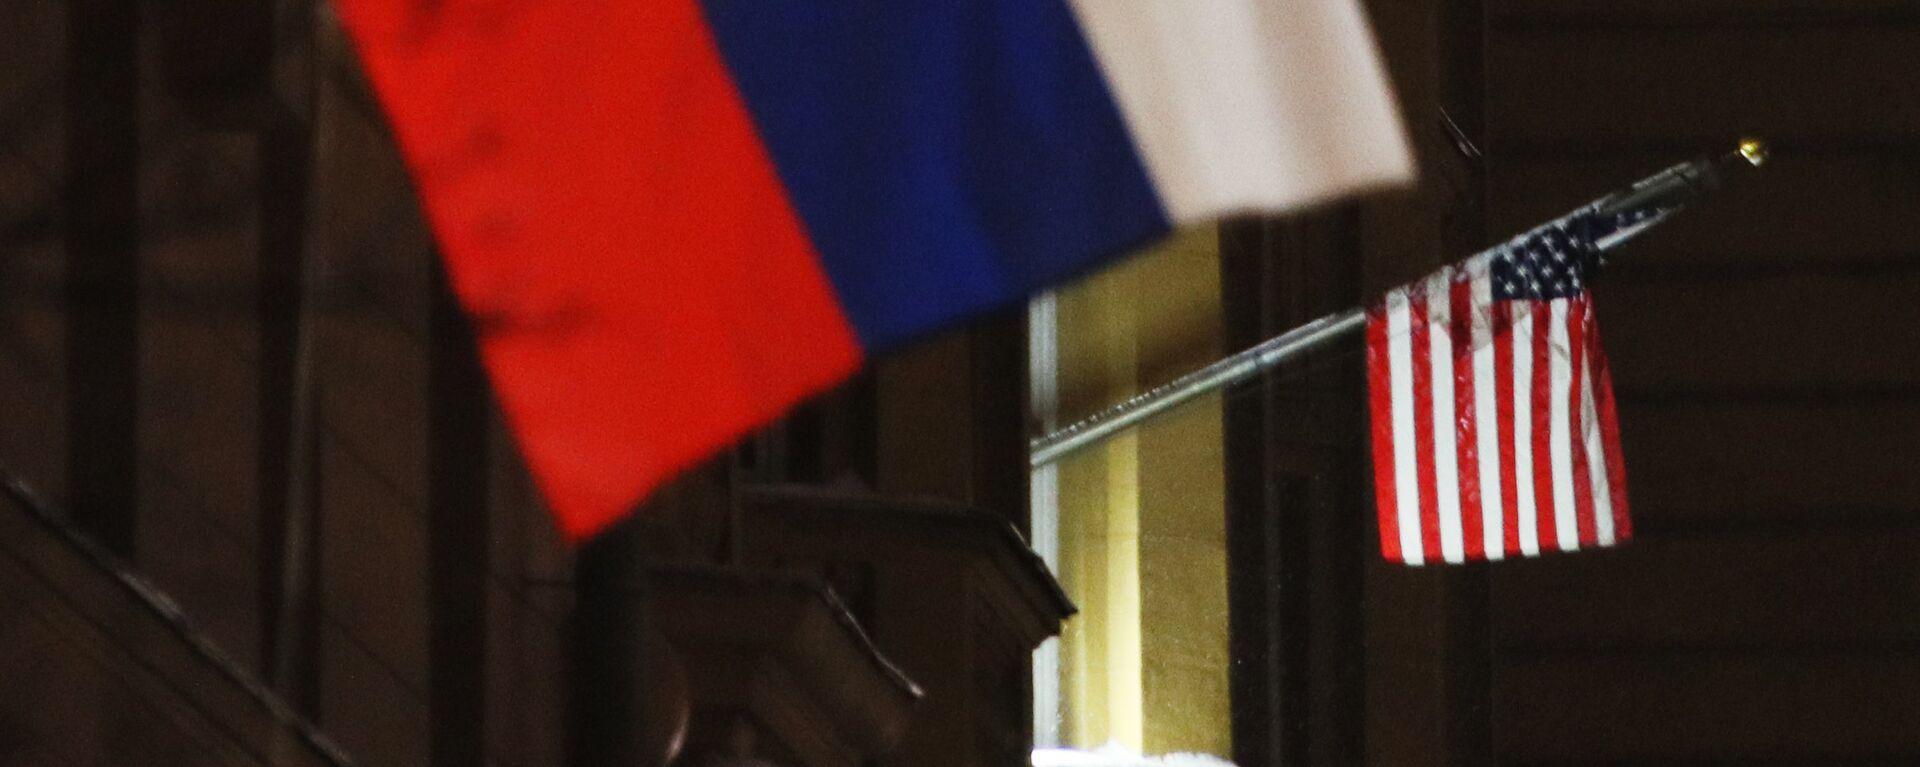 Banderas de Rusia y EEUU - Sputnik Mundo, 1920, 24.03.2021